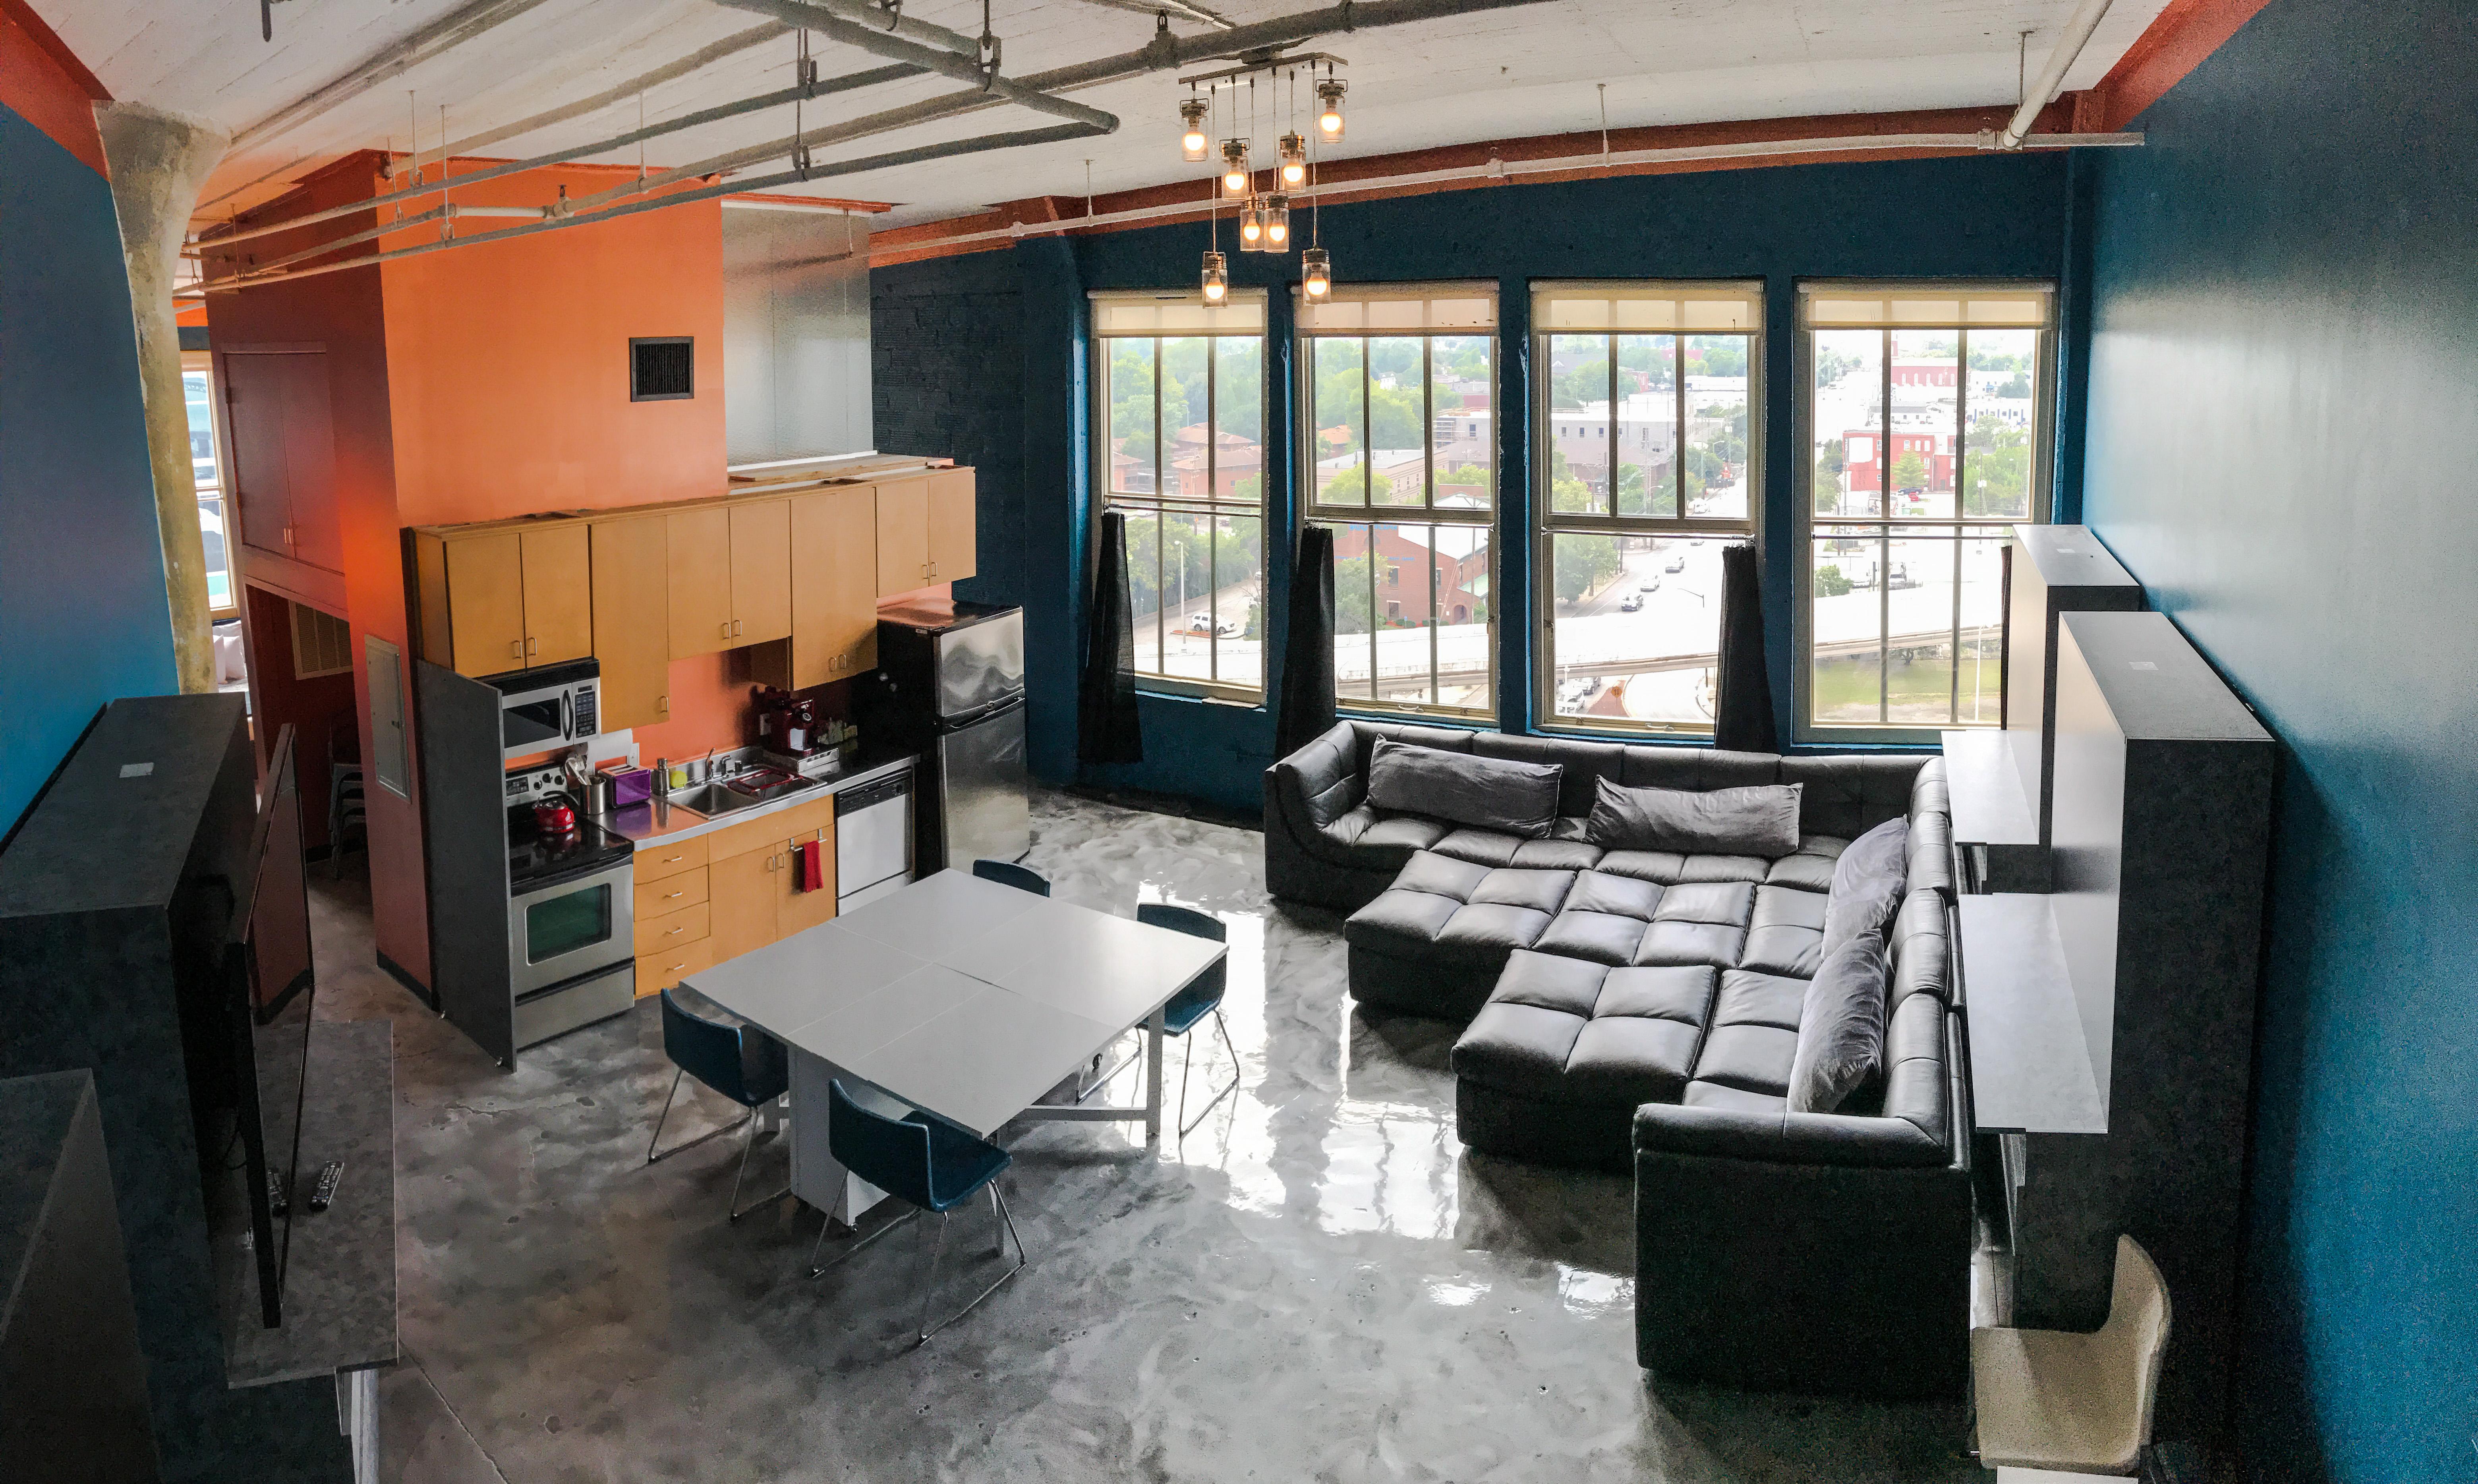 Loft Reverie Hotel 806 - A Birdseye View + Convenient Kitchen + Cloud Soft Sofa + City Views + HDTV